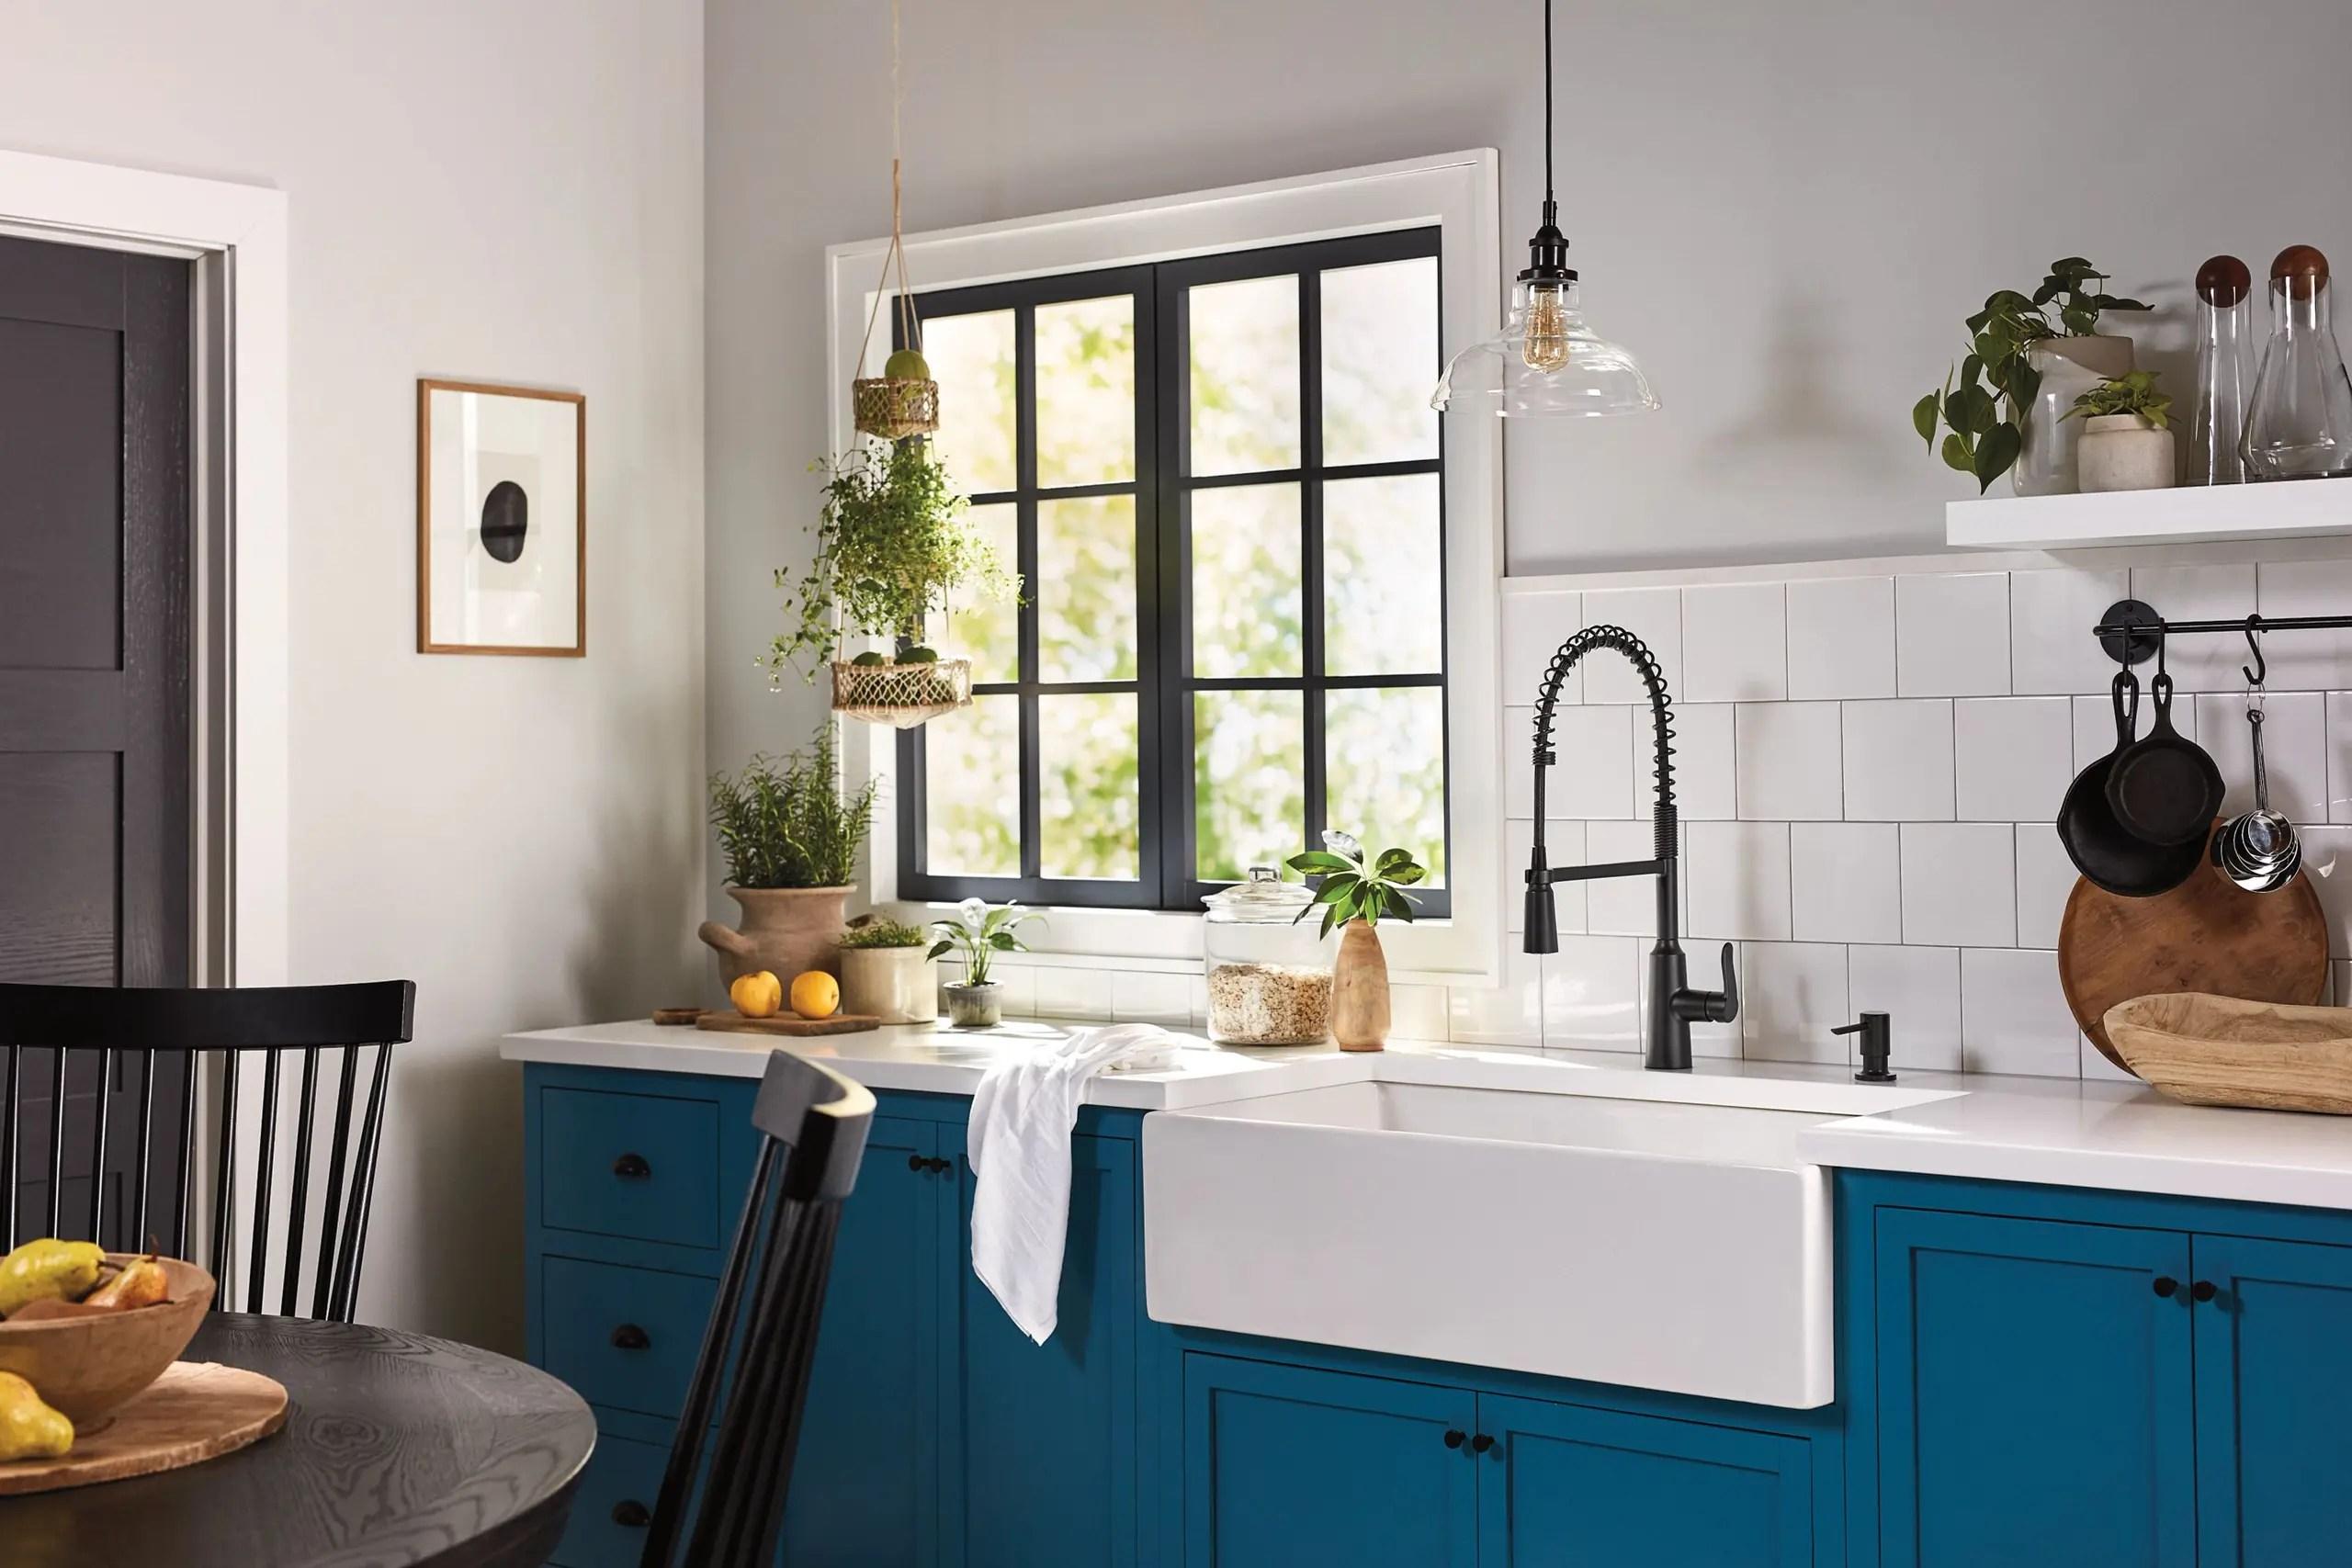 edwyn matte black one handle pre rinse spring pulldown kitchen faucet